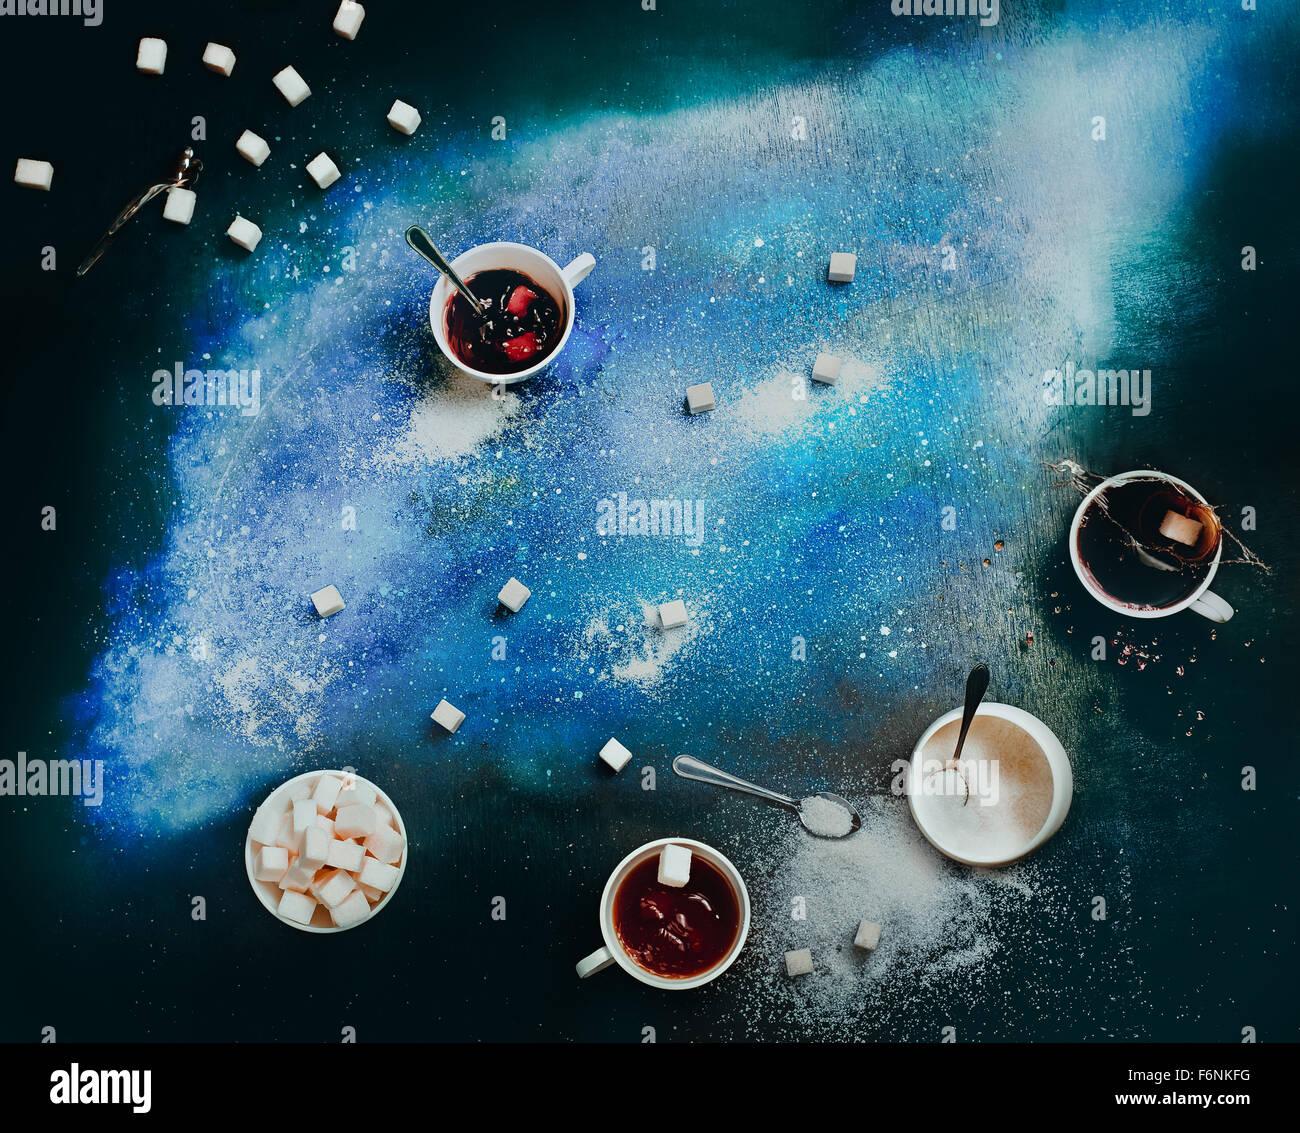 Nebulosa de azúcar Imagen De Stock